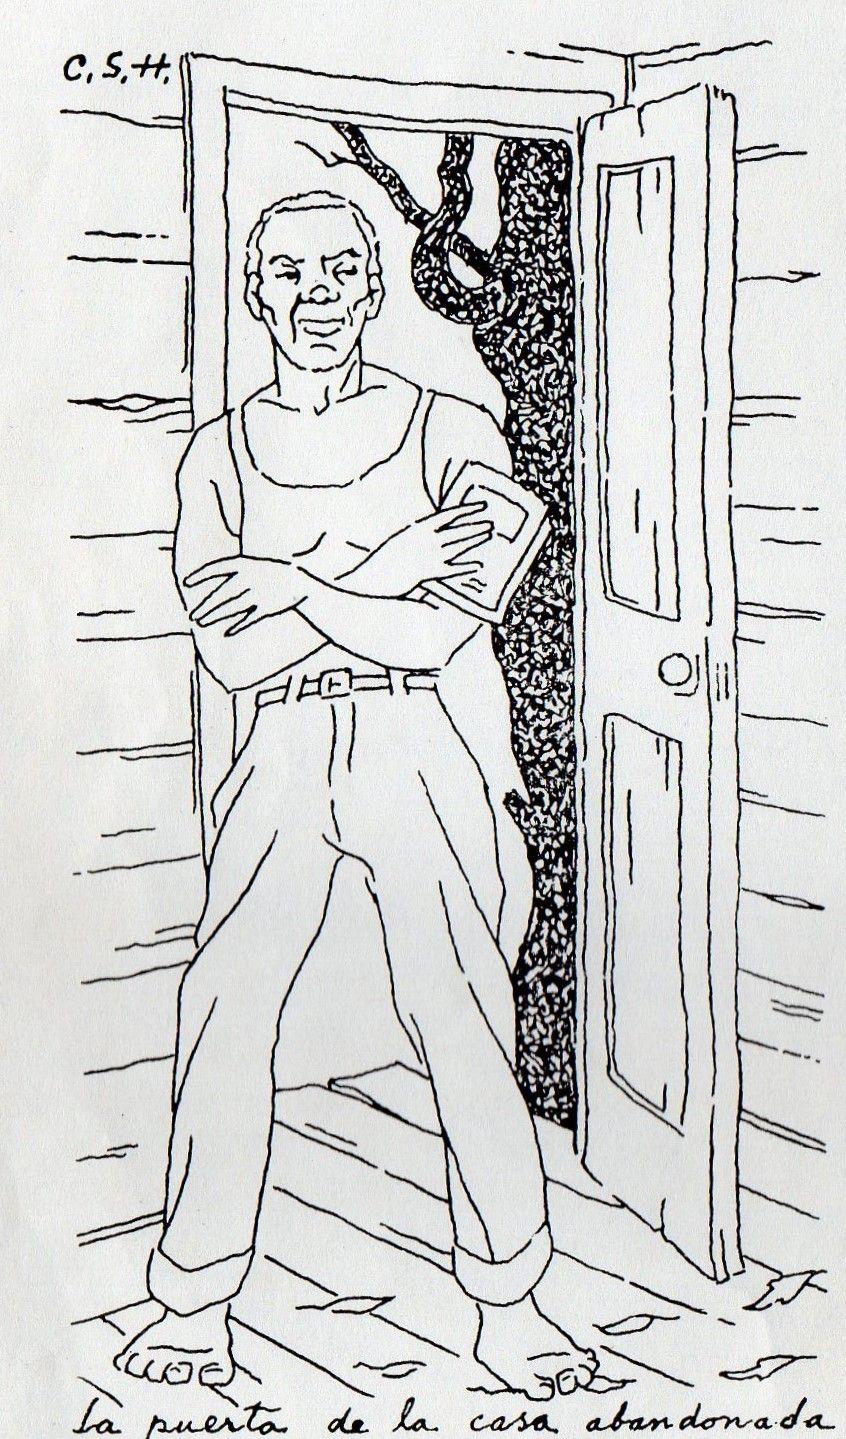 Del Cuento: El Solitario, Carlos Salazar Herrera,  Costa Rica 1989